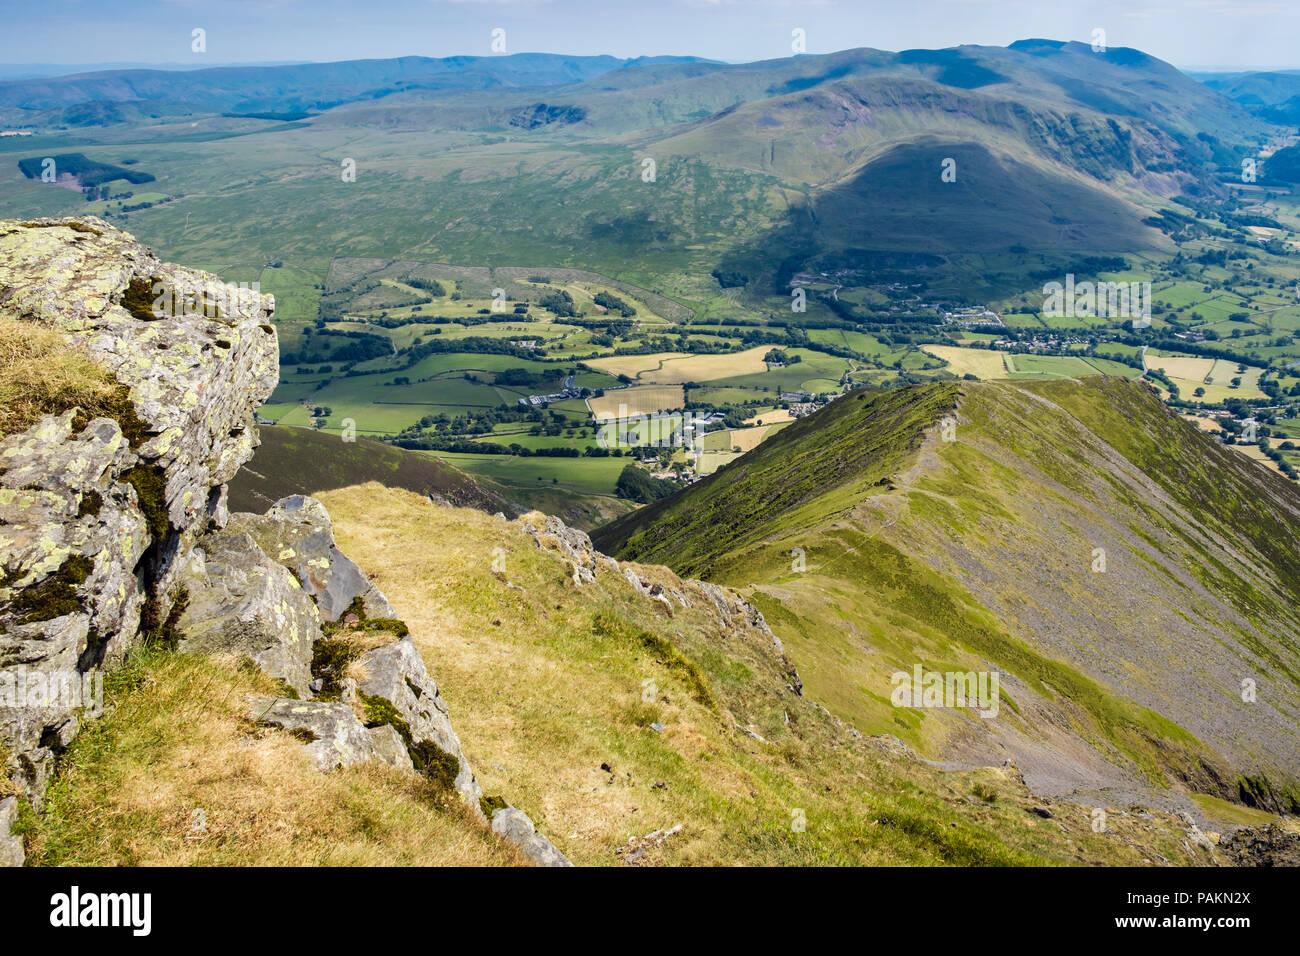 Blick hinunter Hallen fiel oben auf Blencathra (Saddleback) Gipfelgrat zu Threlkeld, in den nördlichen Nationalpark Lake District, Cumbria, England, Großbritannien, Großbritannien Stockbild